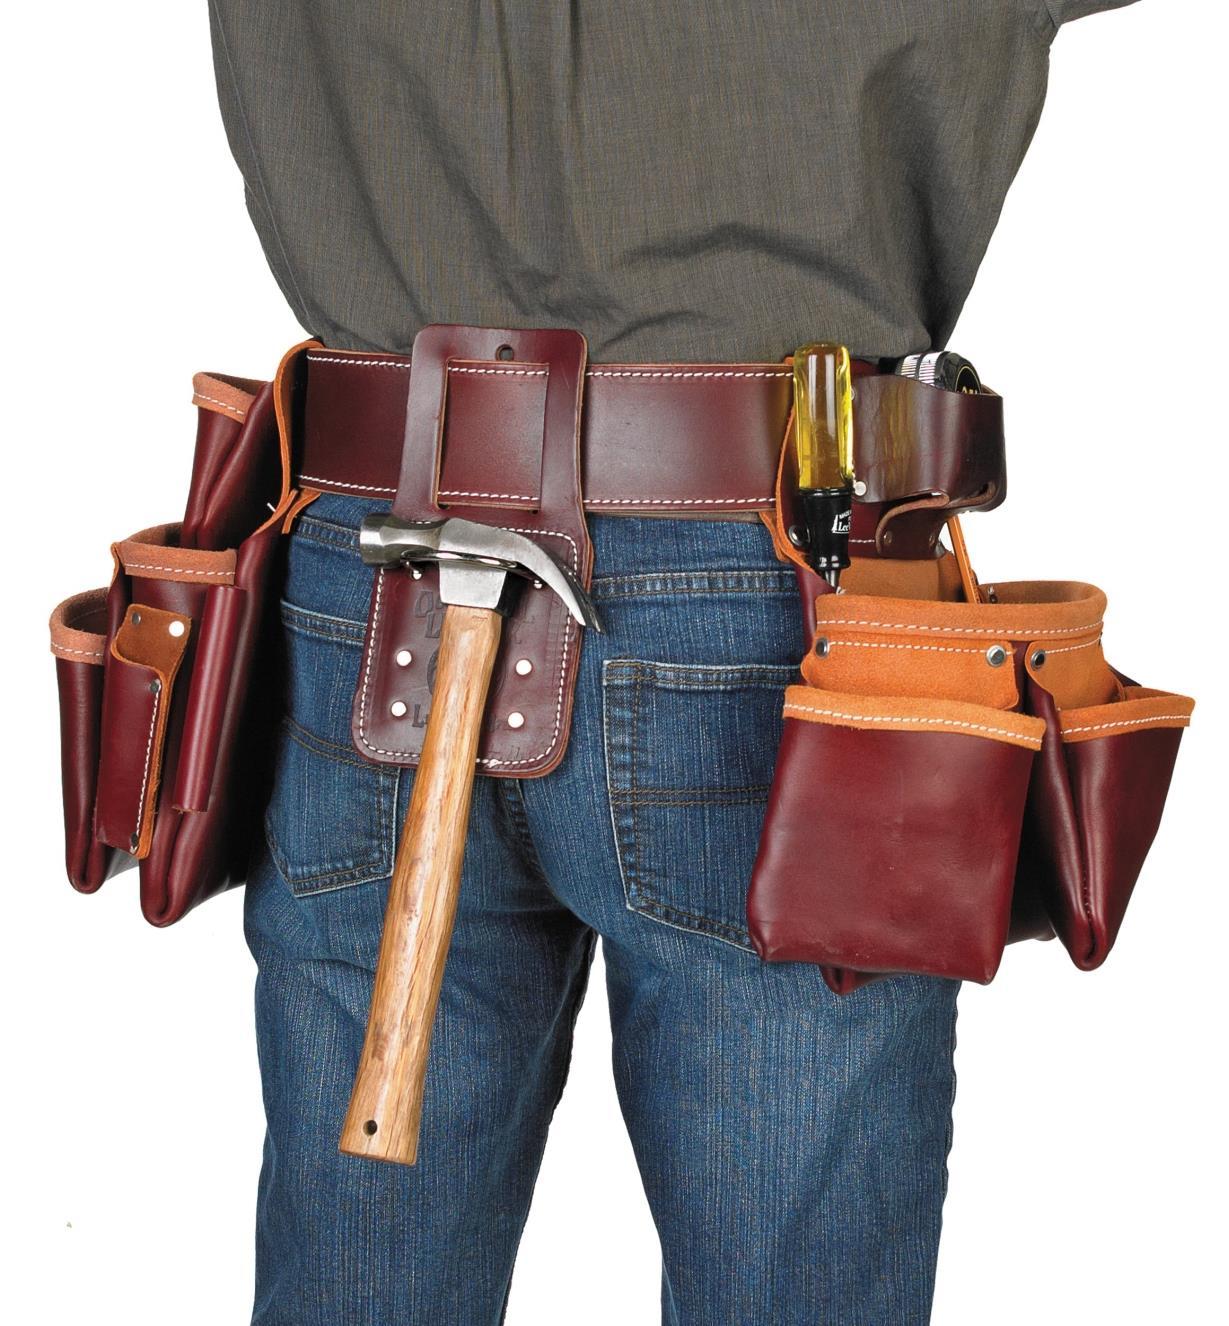 Occidental Leather Pro Framer Belts & Components